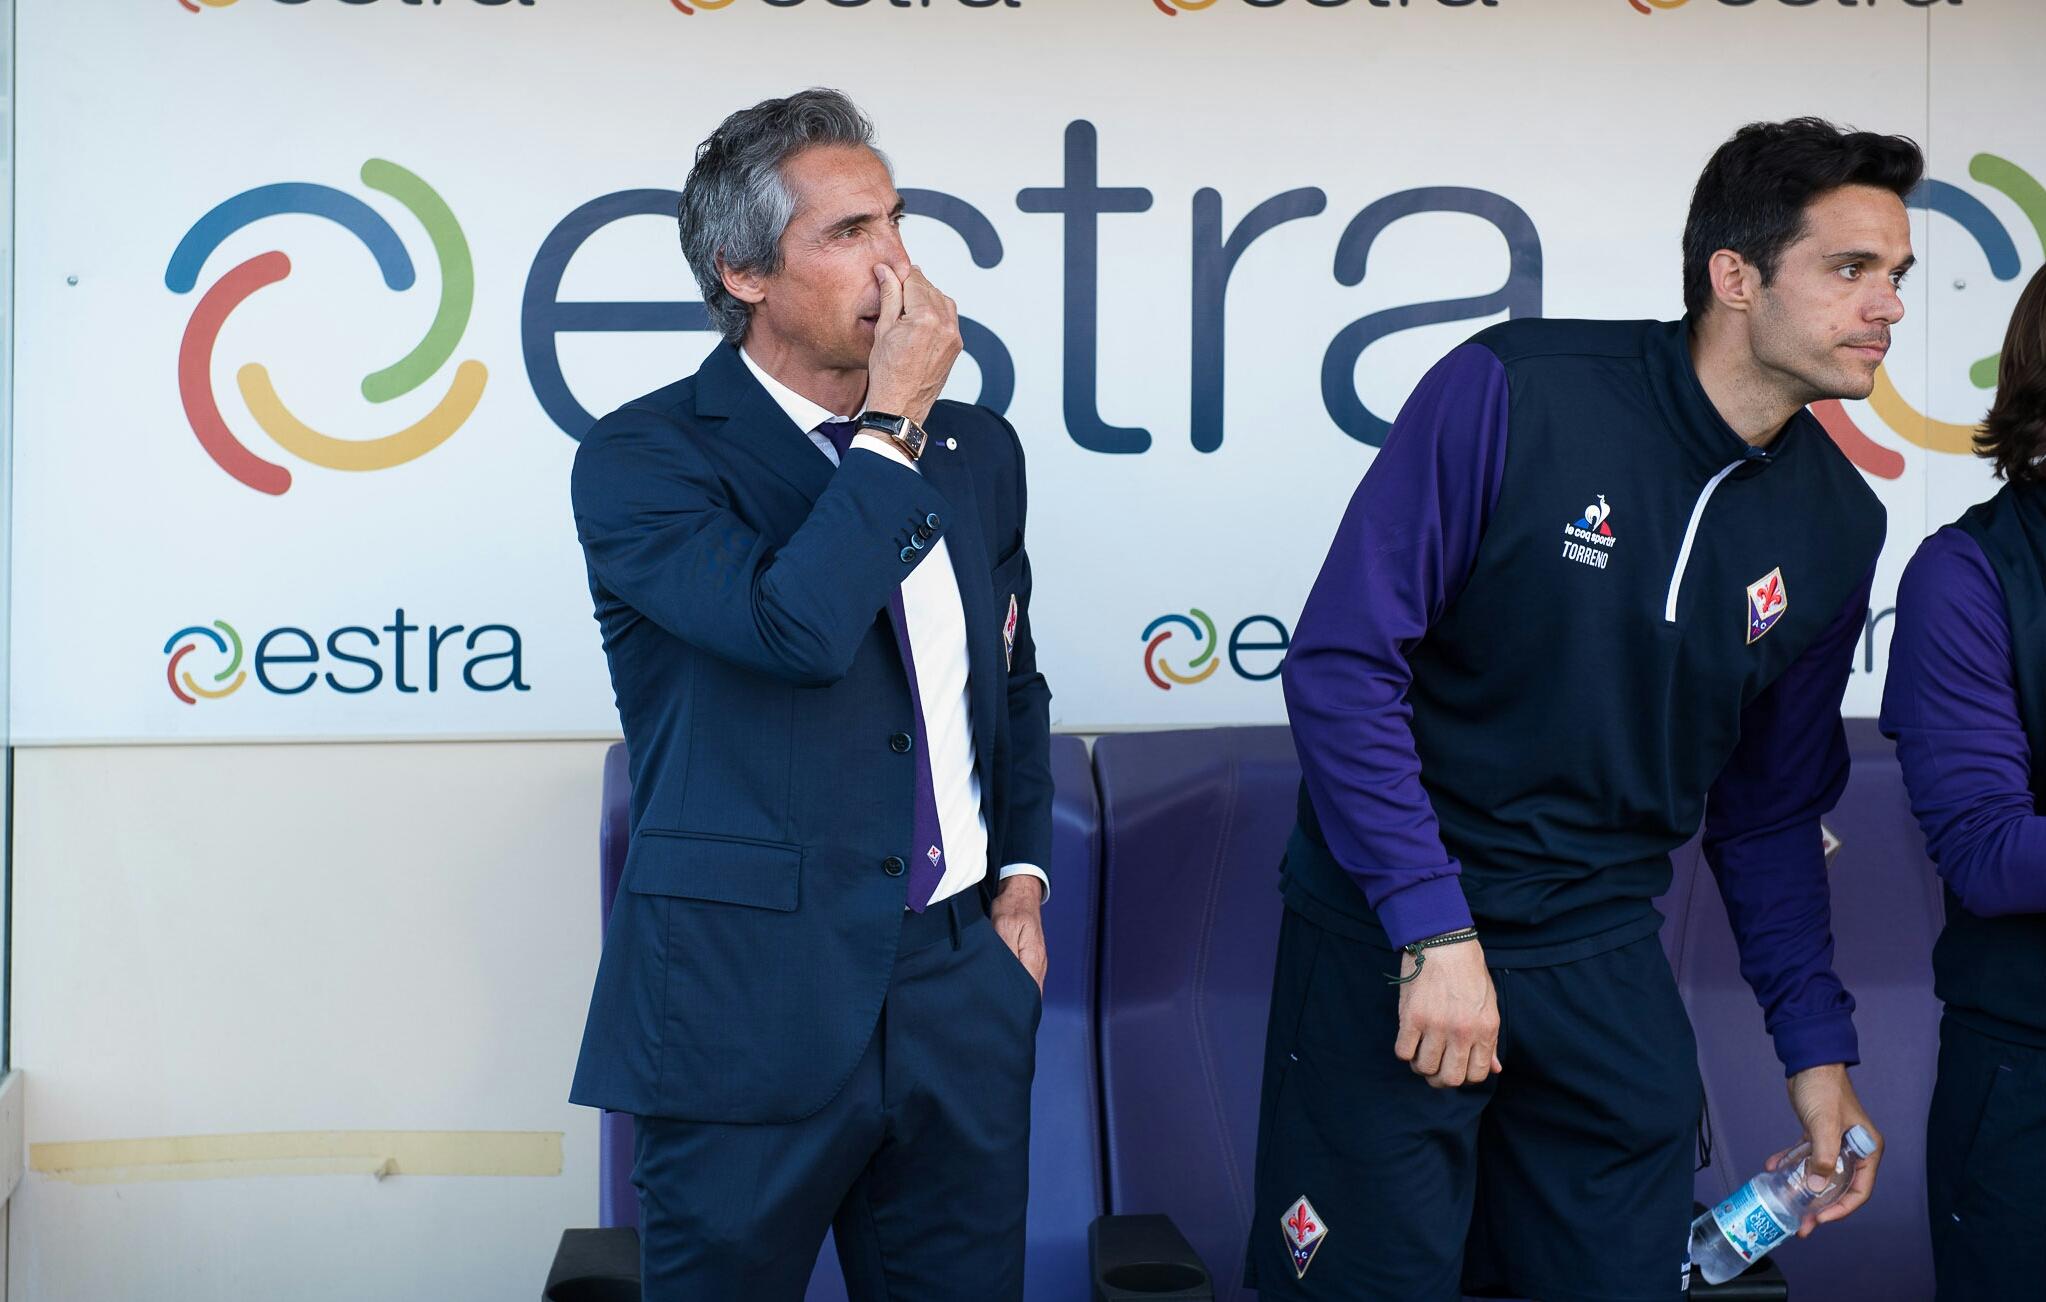 Gazzetta, l'ennesima formazione sbagliata di Paulo Sousa, sarà mica un caso?